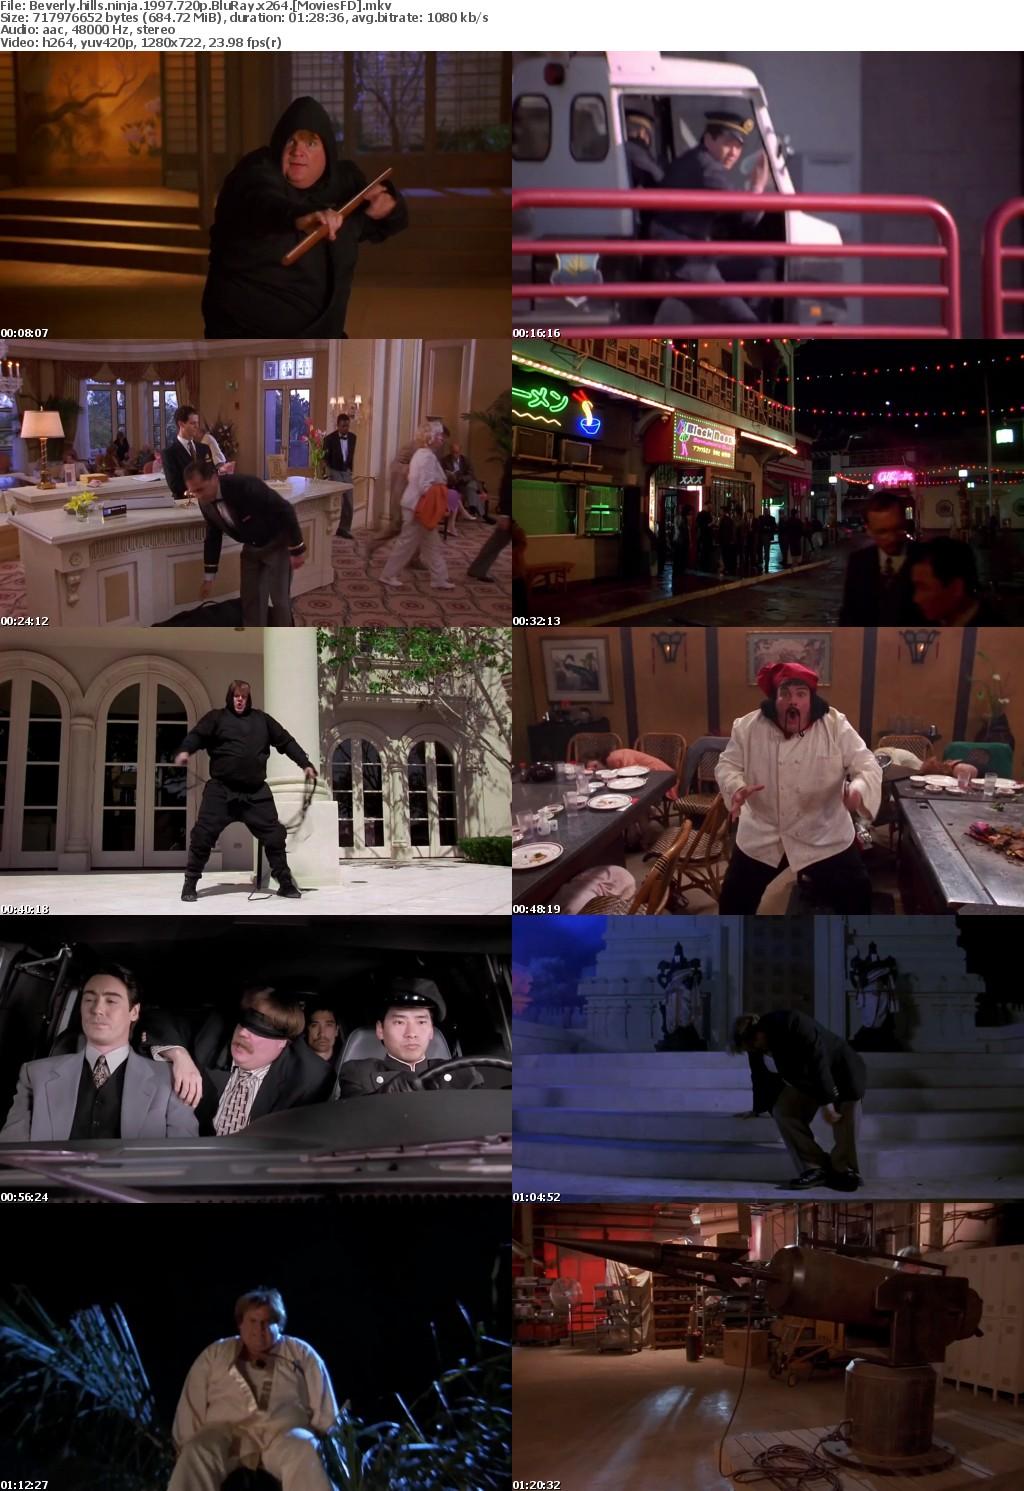 Beverly hills ninja 1997 720p BluRay x264 MoviesFD